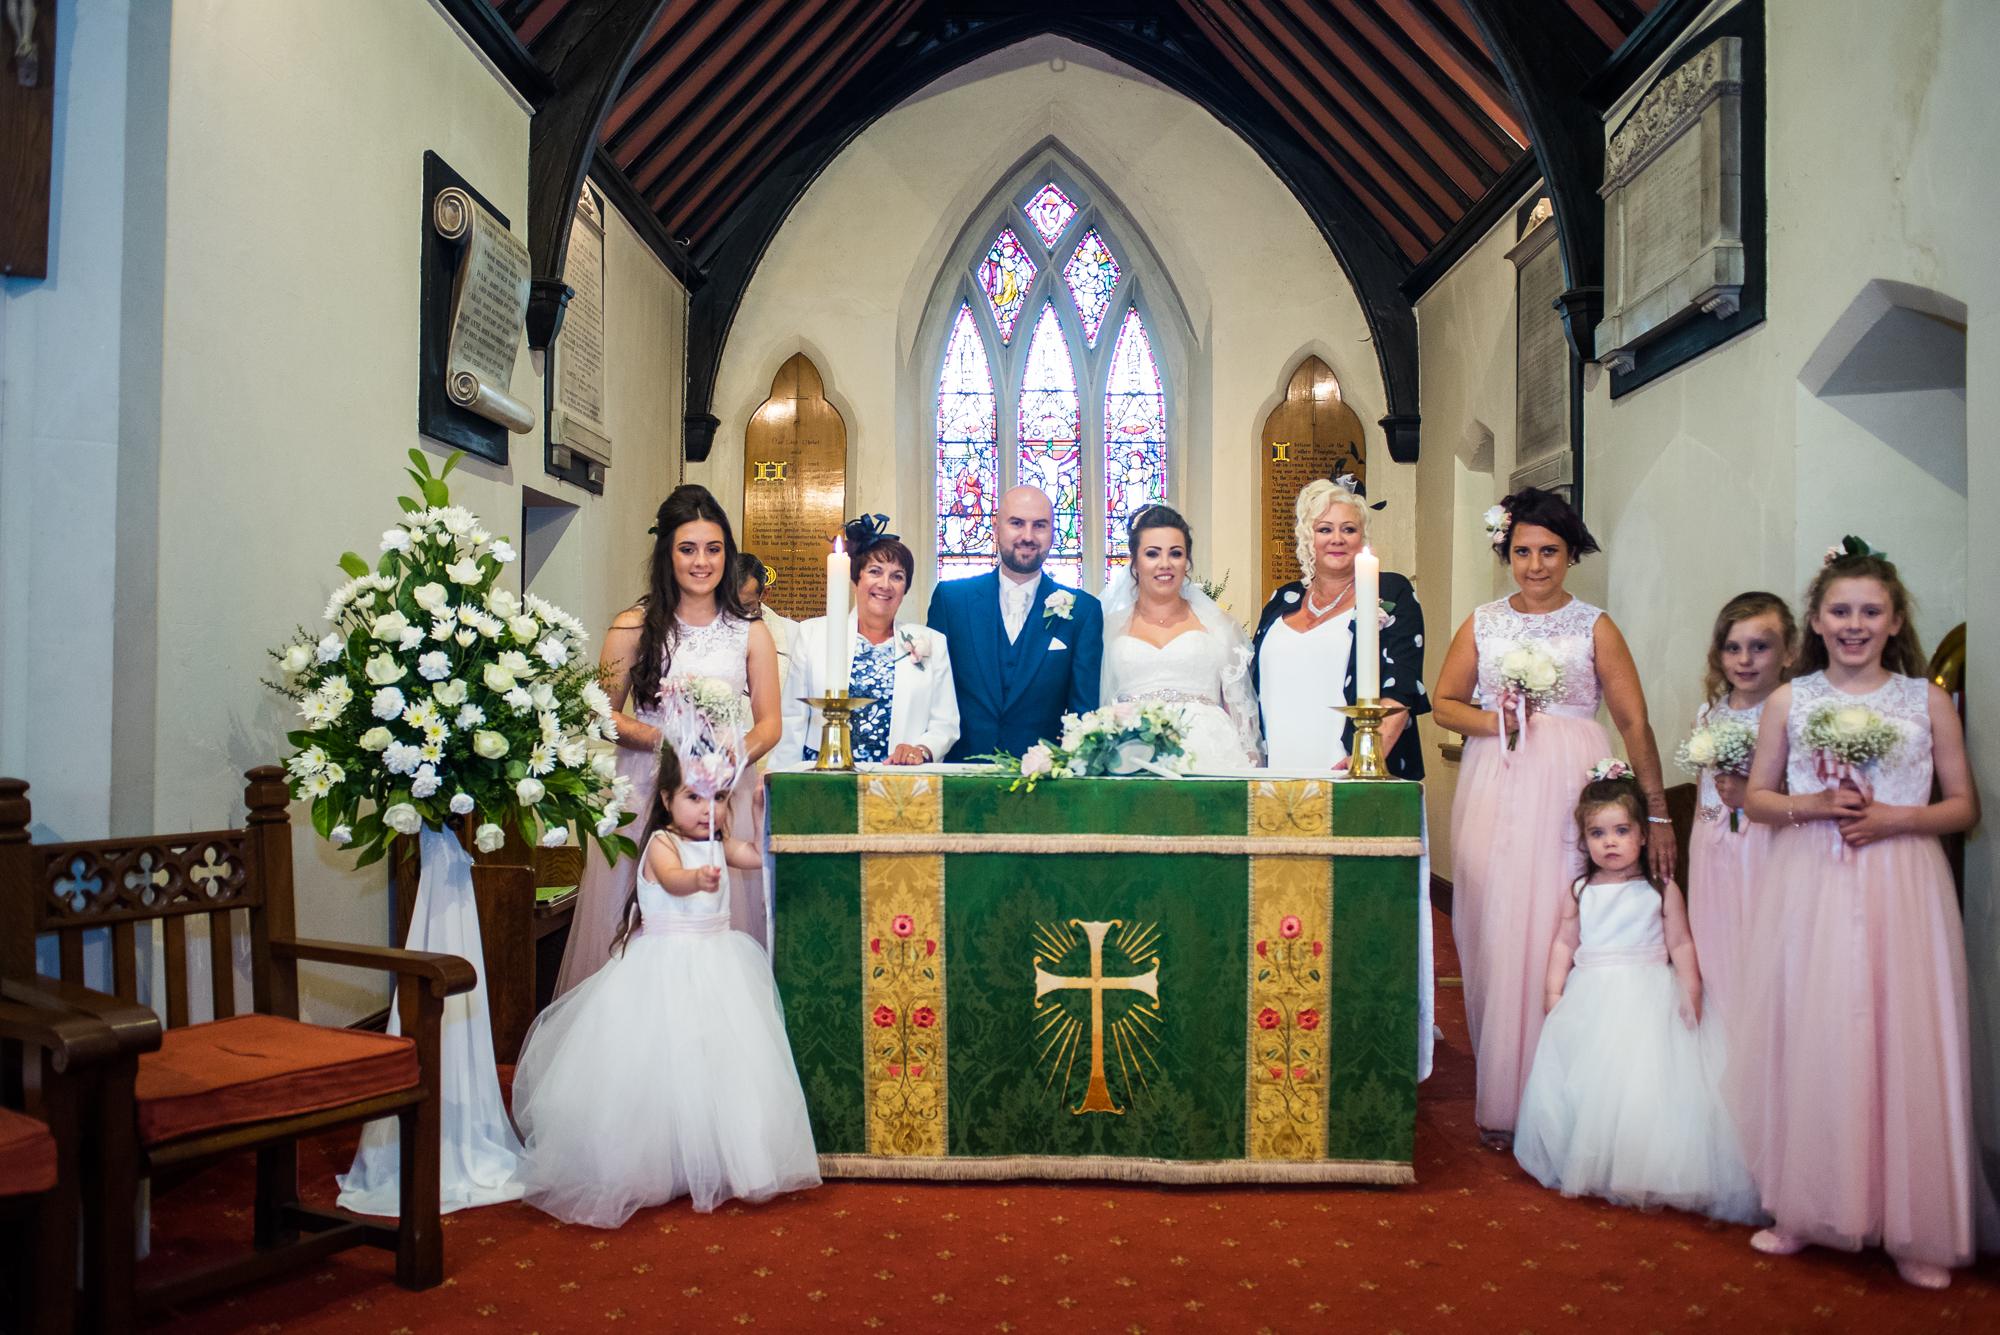 Roise and John wedding photos (143 of 383).jpg